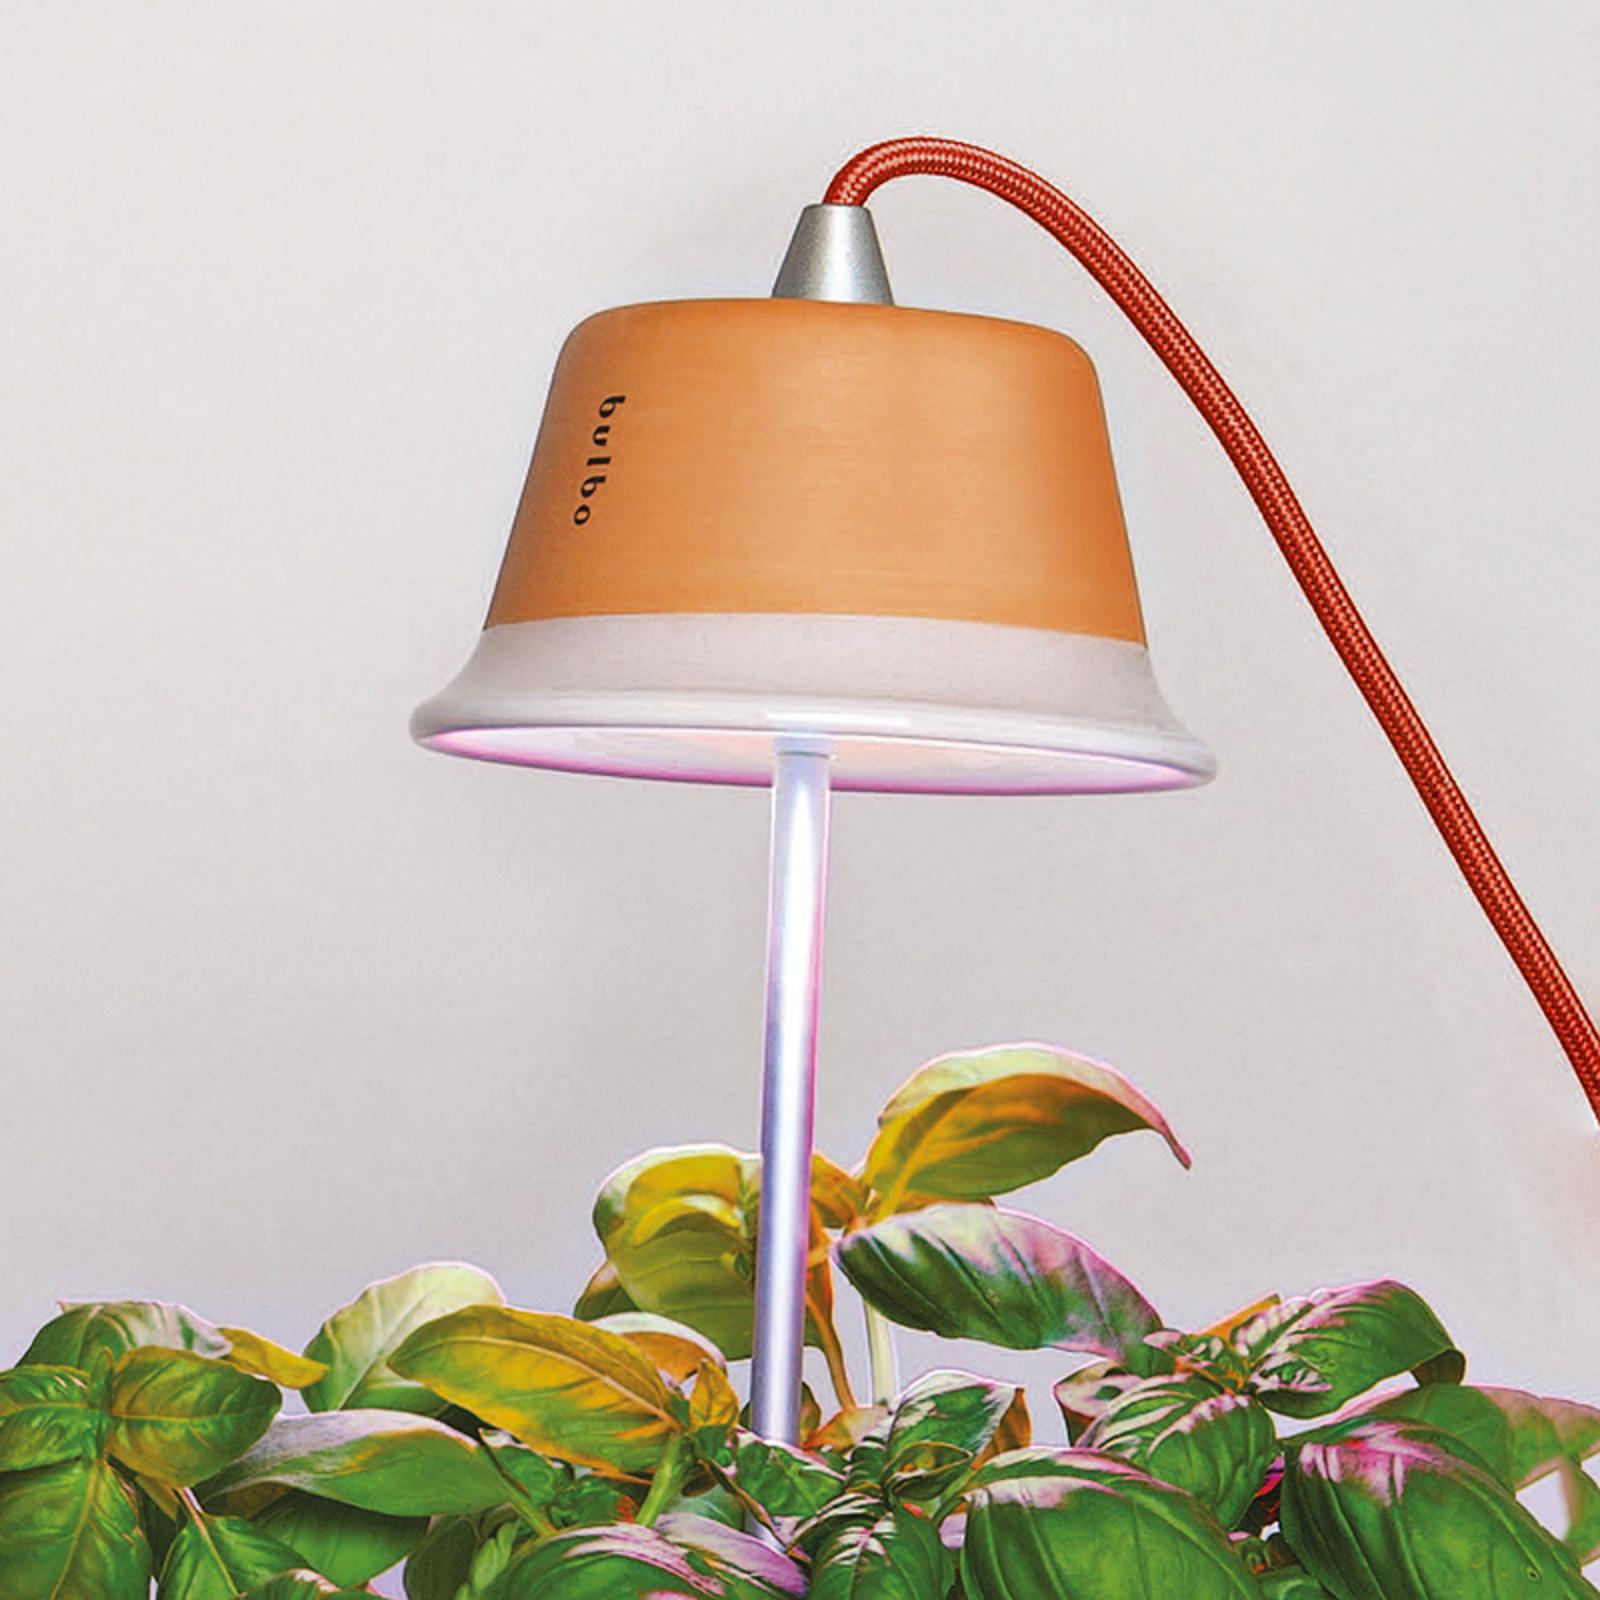 Planten lamp Chlorophyll voor kamerplanten